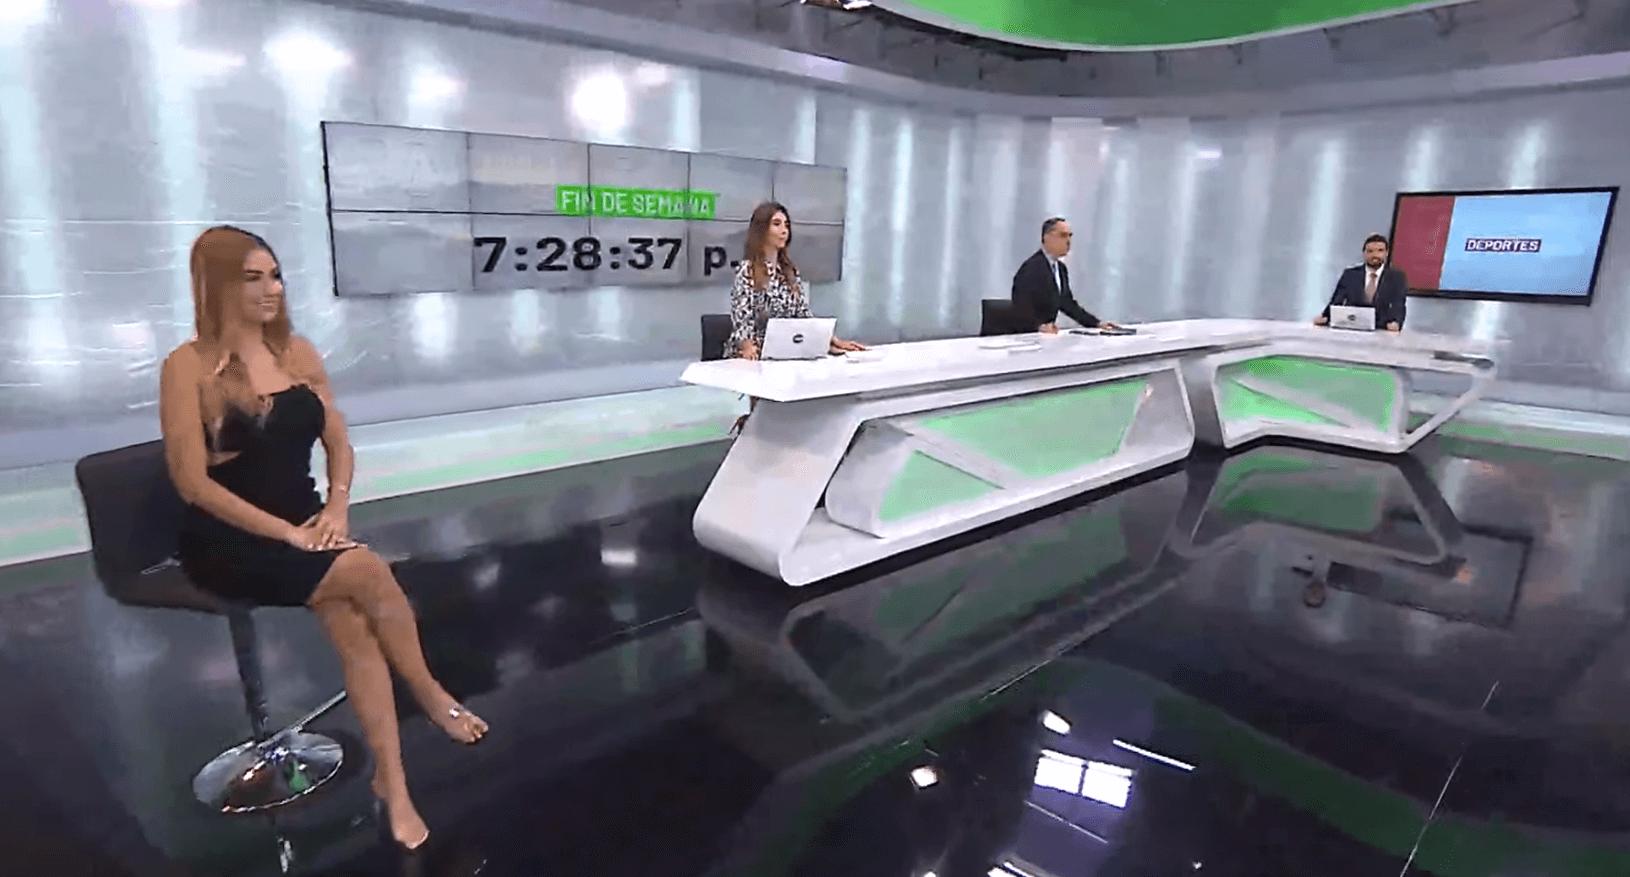 Teleantioquia Noticias – Domingo 30 de mayo de 2021 noche